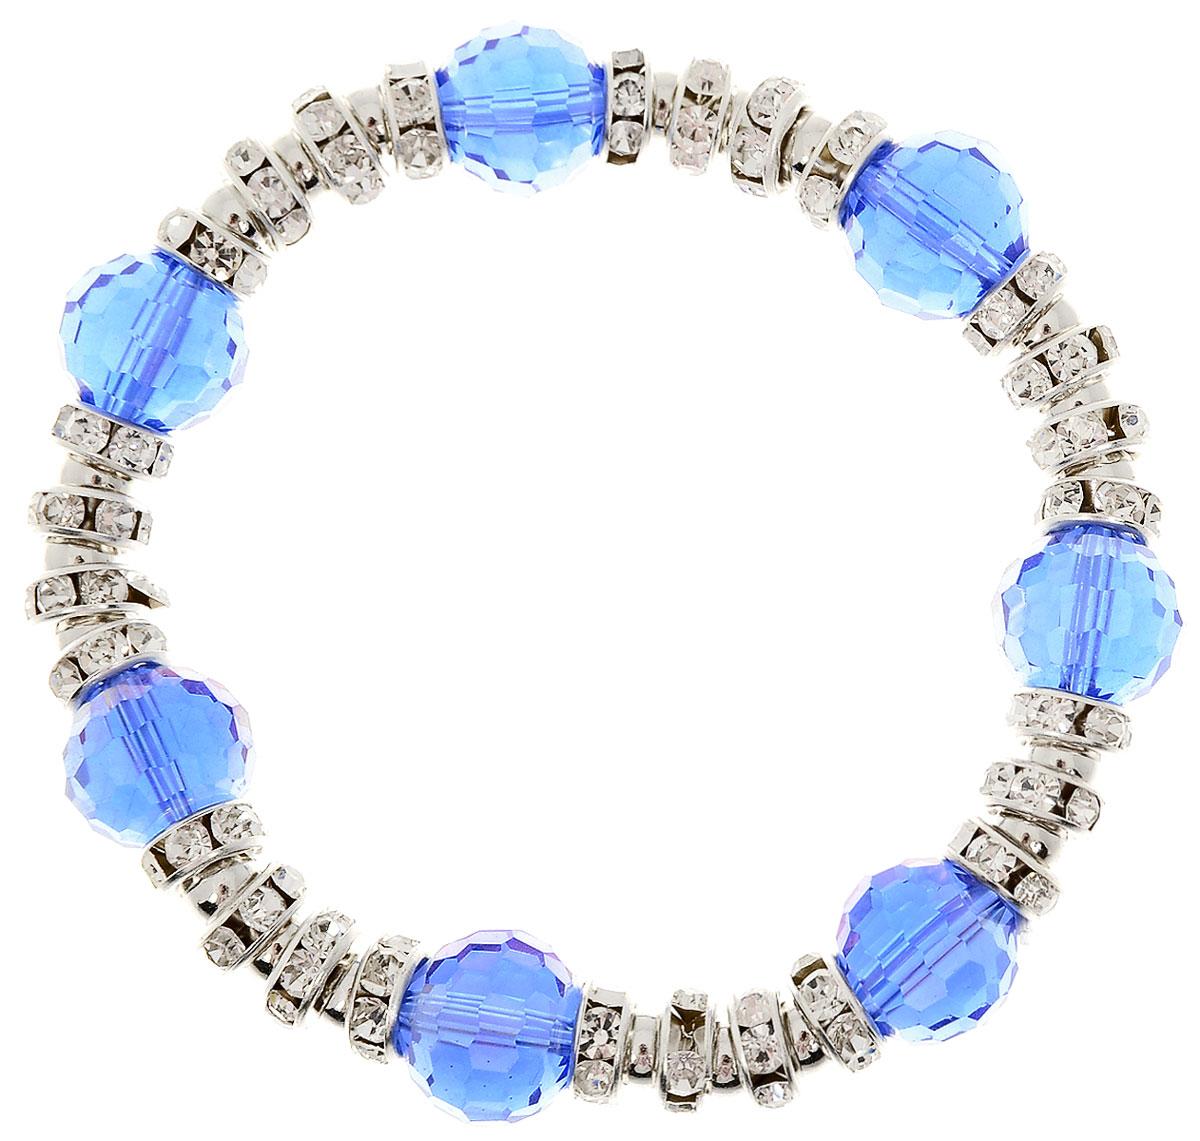 Браслет Taya, цвет: темно-синий. T-B-11921-BRAC-NAVYT-B-11921-BRAC-NAVYУдобный универсальный браслет на резинке. Можно носить его как дополнение к часам или к другим браслетам TAYA.